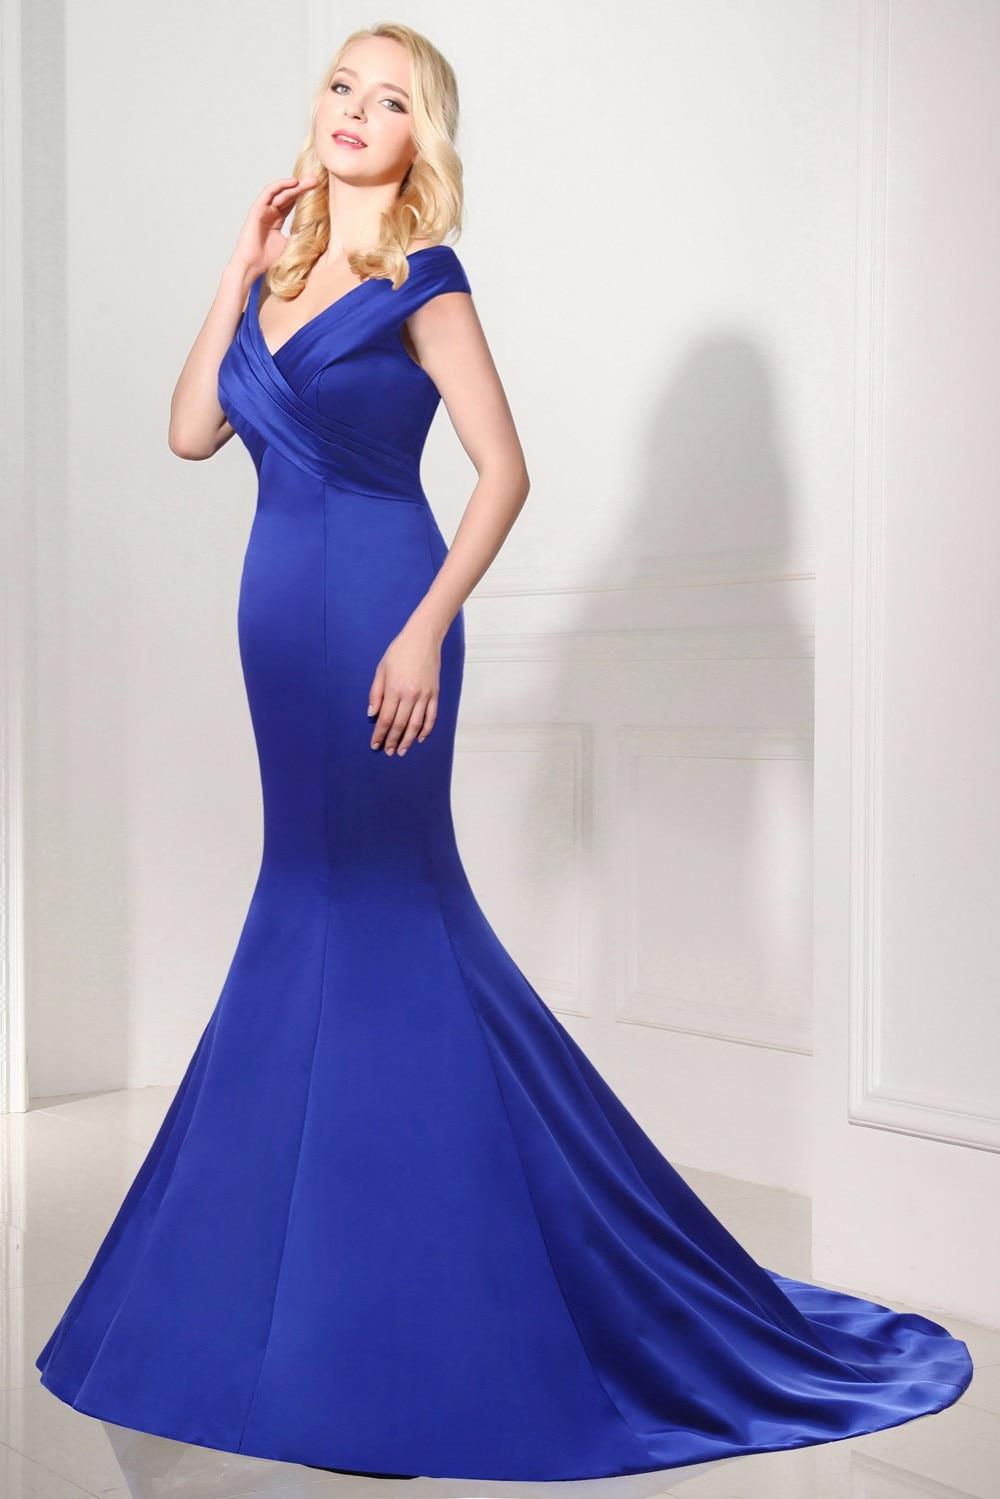 Robe De Soiree Hot Sälj Abendkleider Avondjurk V-hals Golv Längd - Särskilda tillfällen klänningar - Foto 3